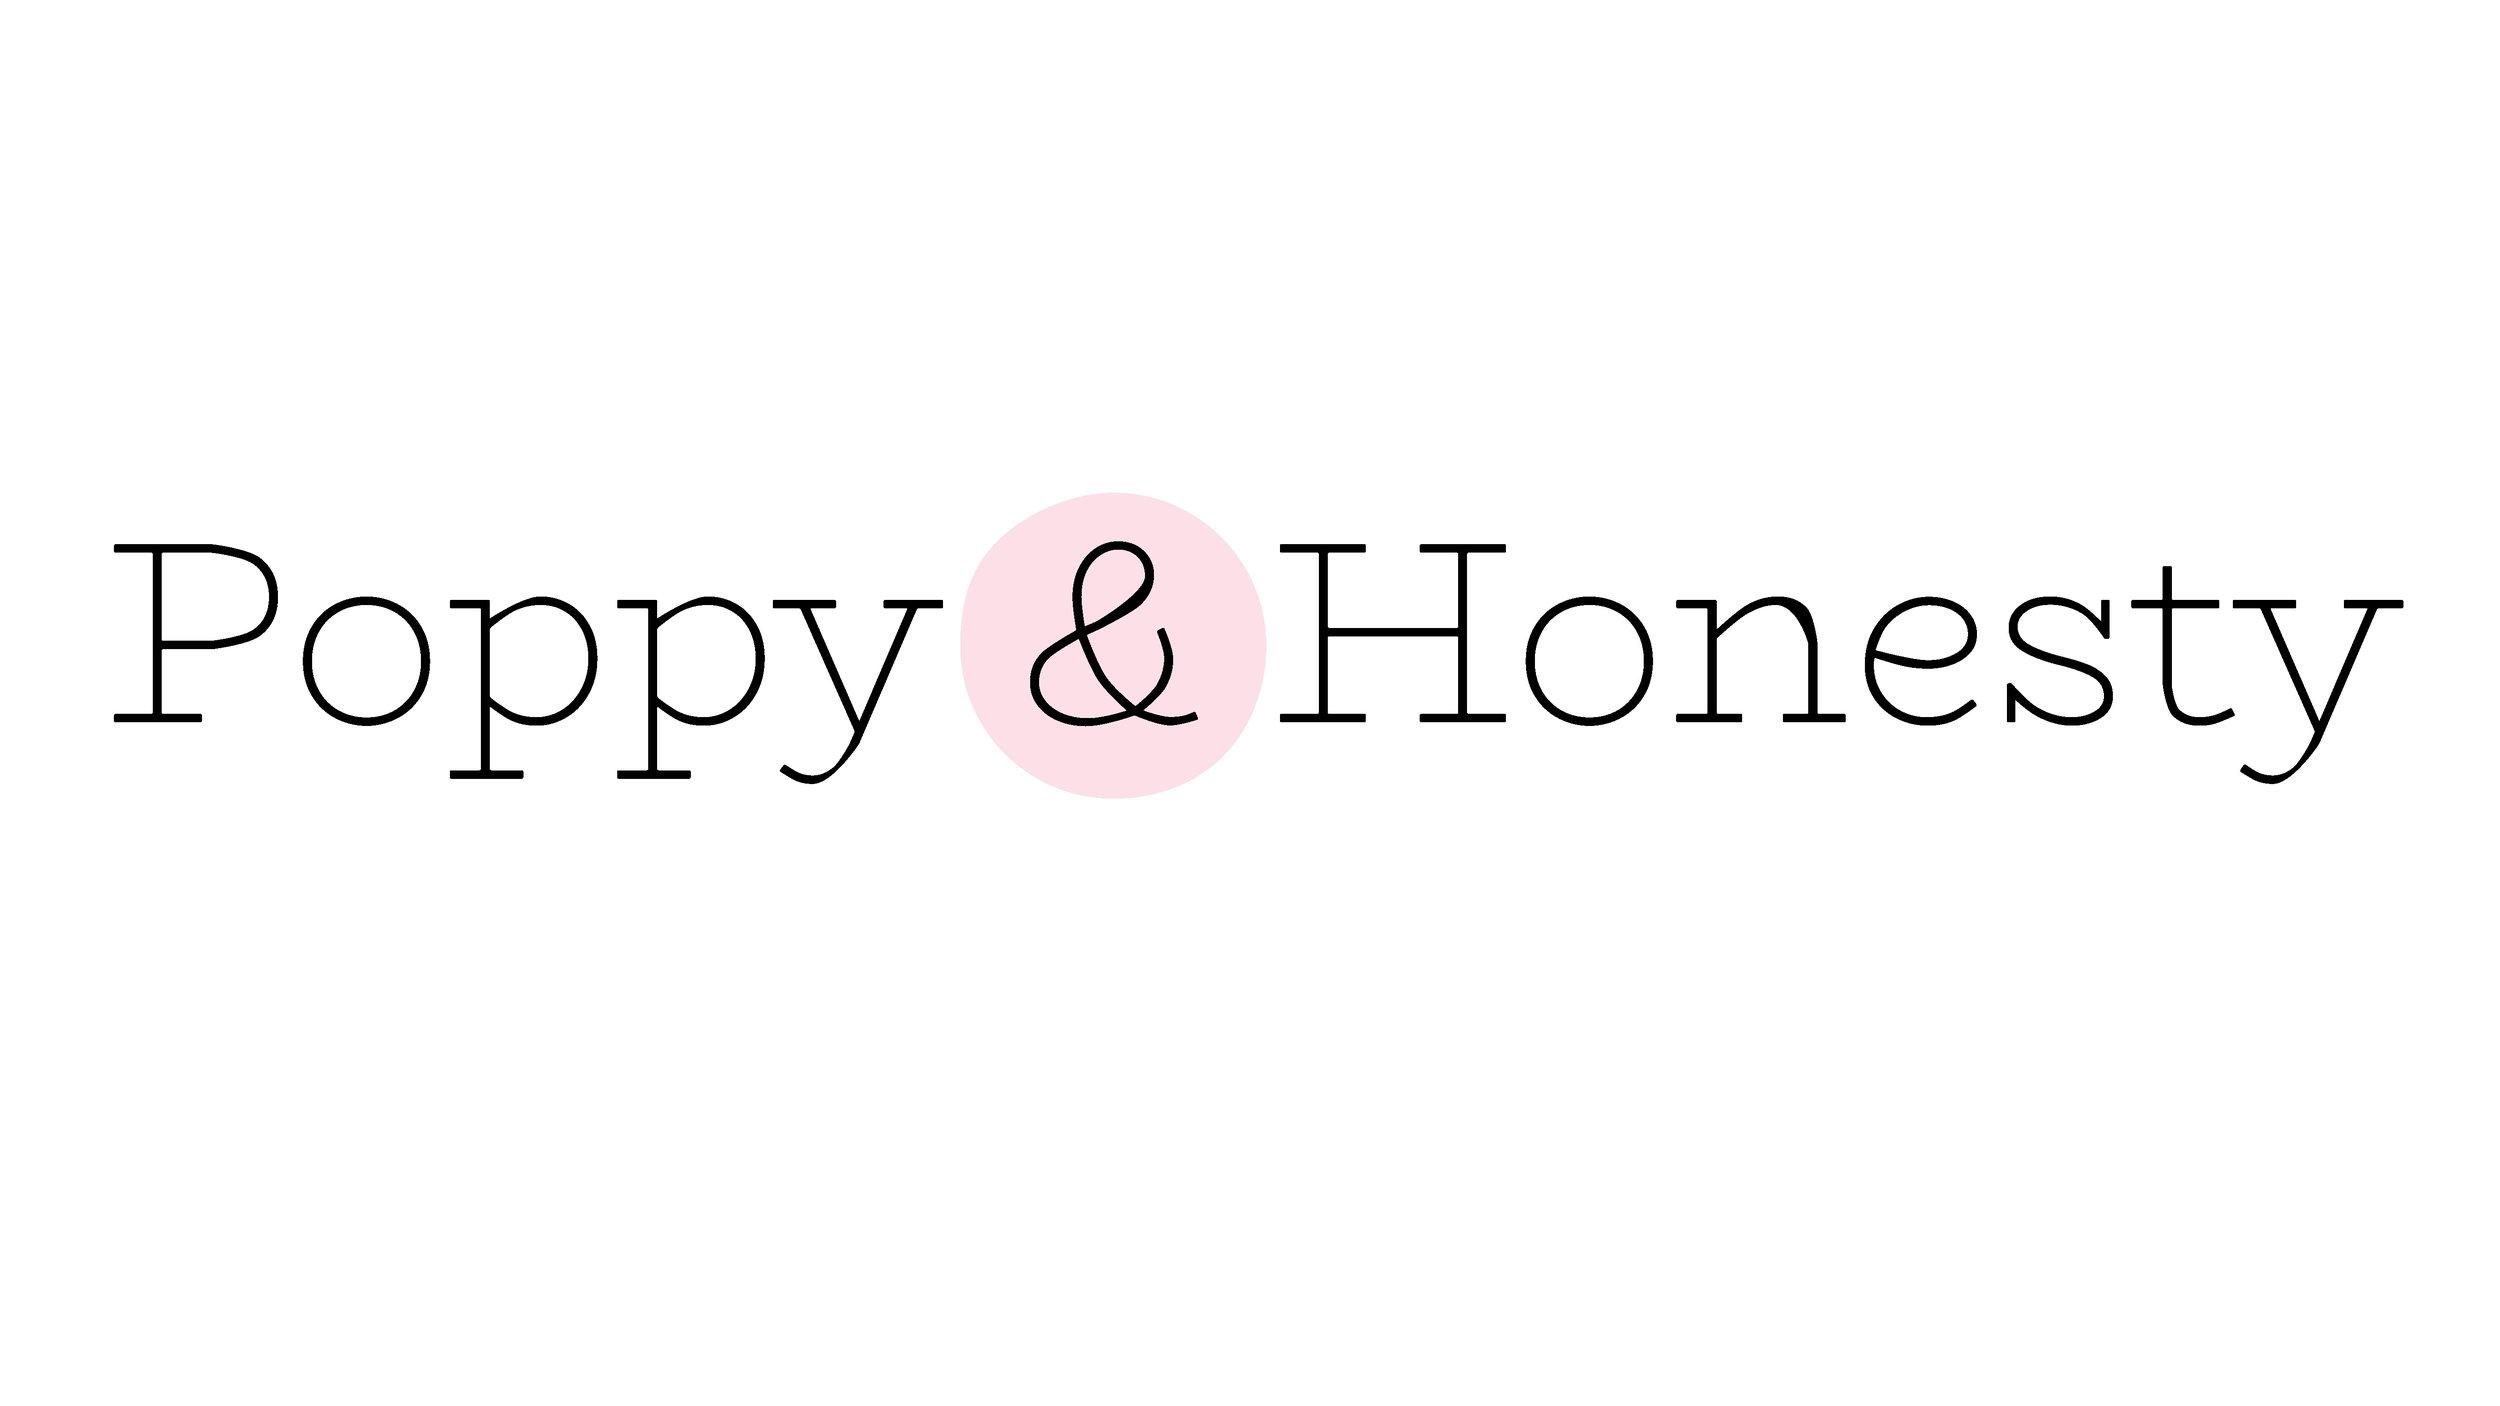 poppy and honesty logo